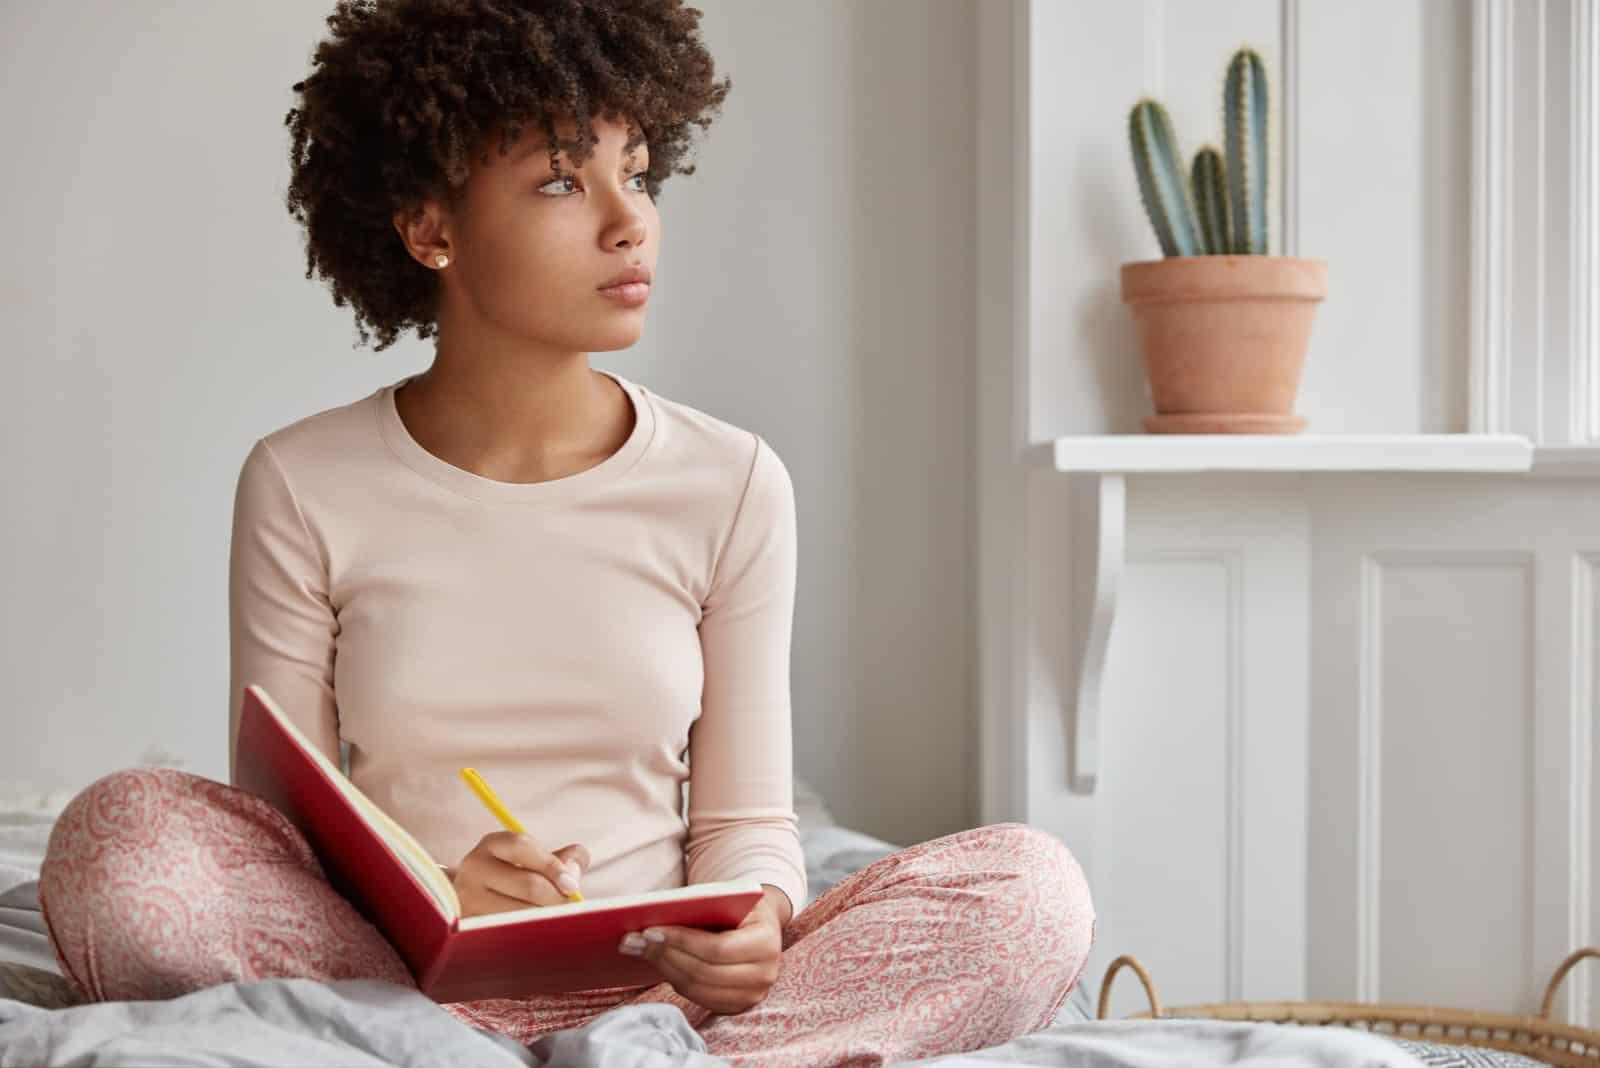 jeune femme assise consciencieusement sur le lit avec ordinateur portable et un stylo